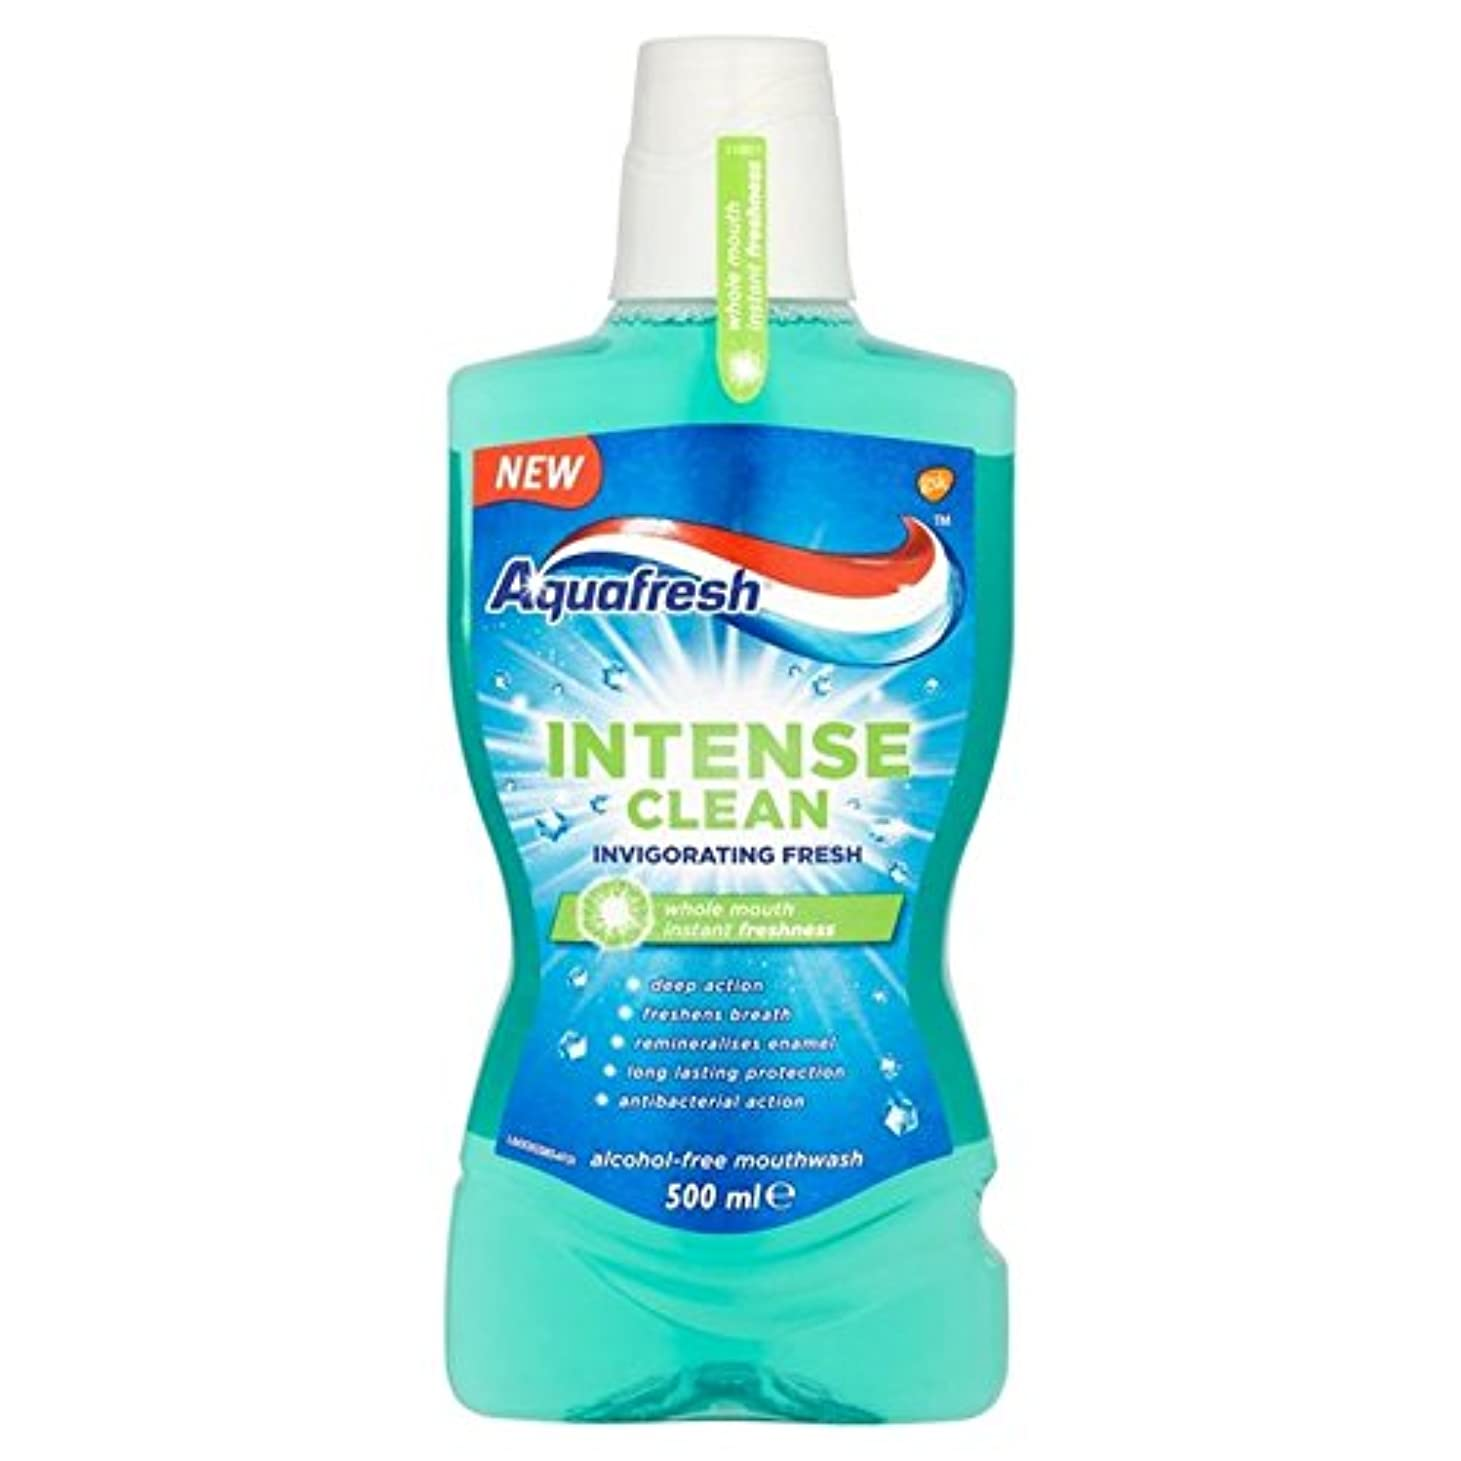 労苦吹きさらし真空Aquafresh Intense Clean Invigorating Wash 500ml (Pack of 6) - アクアフレッシュ強烈なきれいな爽快ウォッシュ500ミリリットル x6 [並行輸入品]